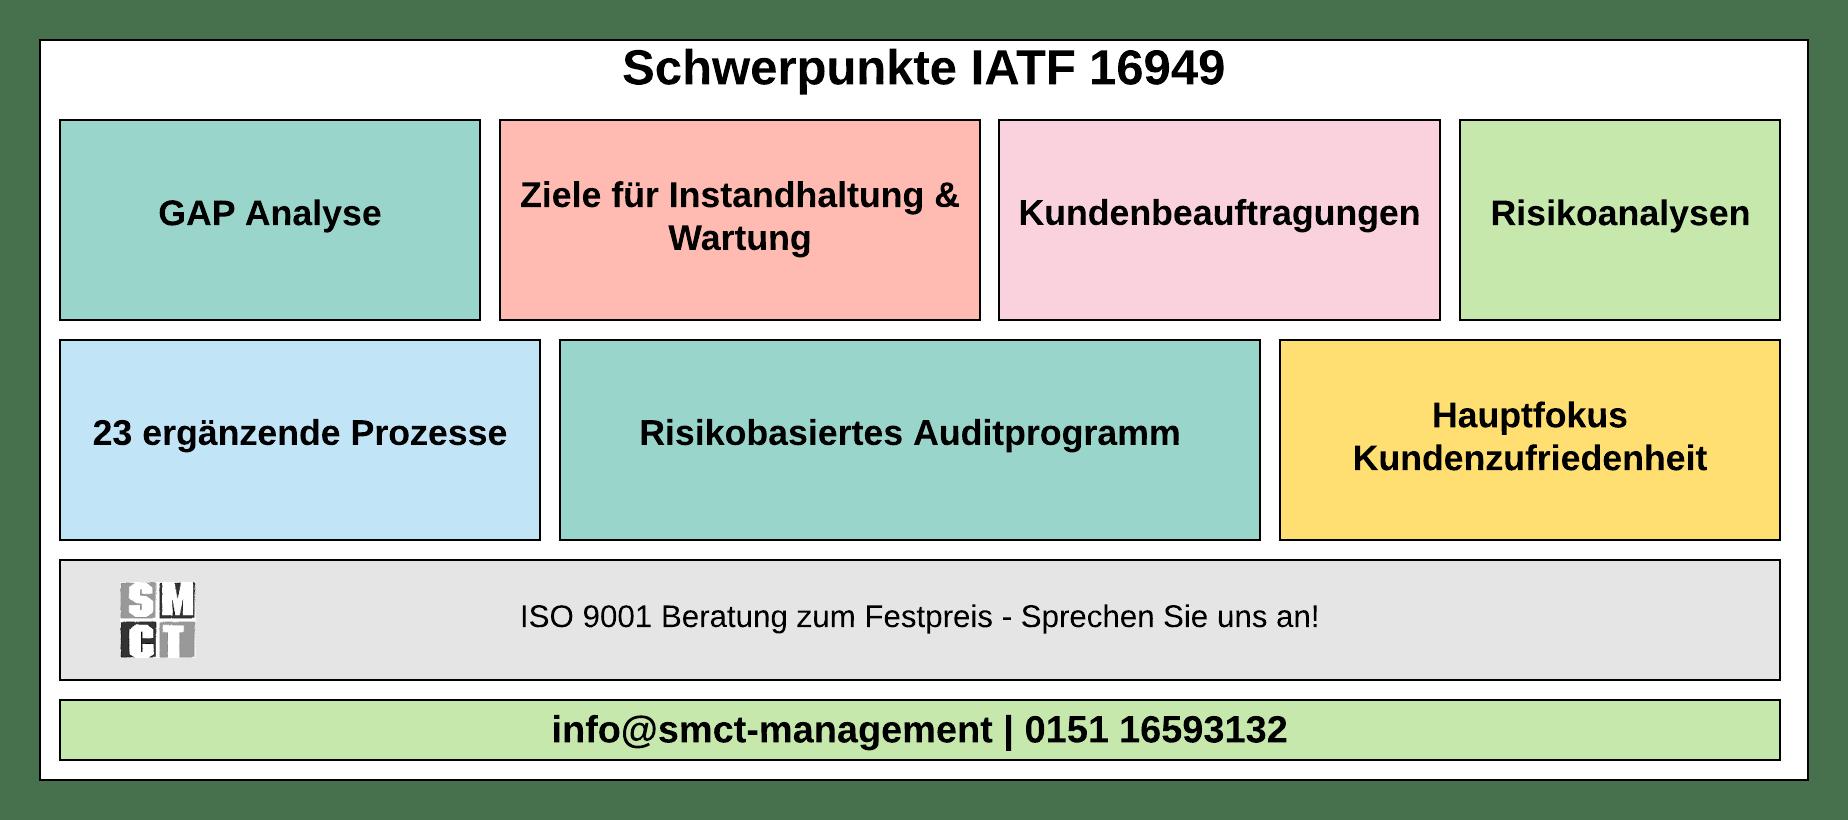 Kernthemen der IATF 16949 Beratung